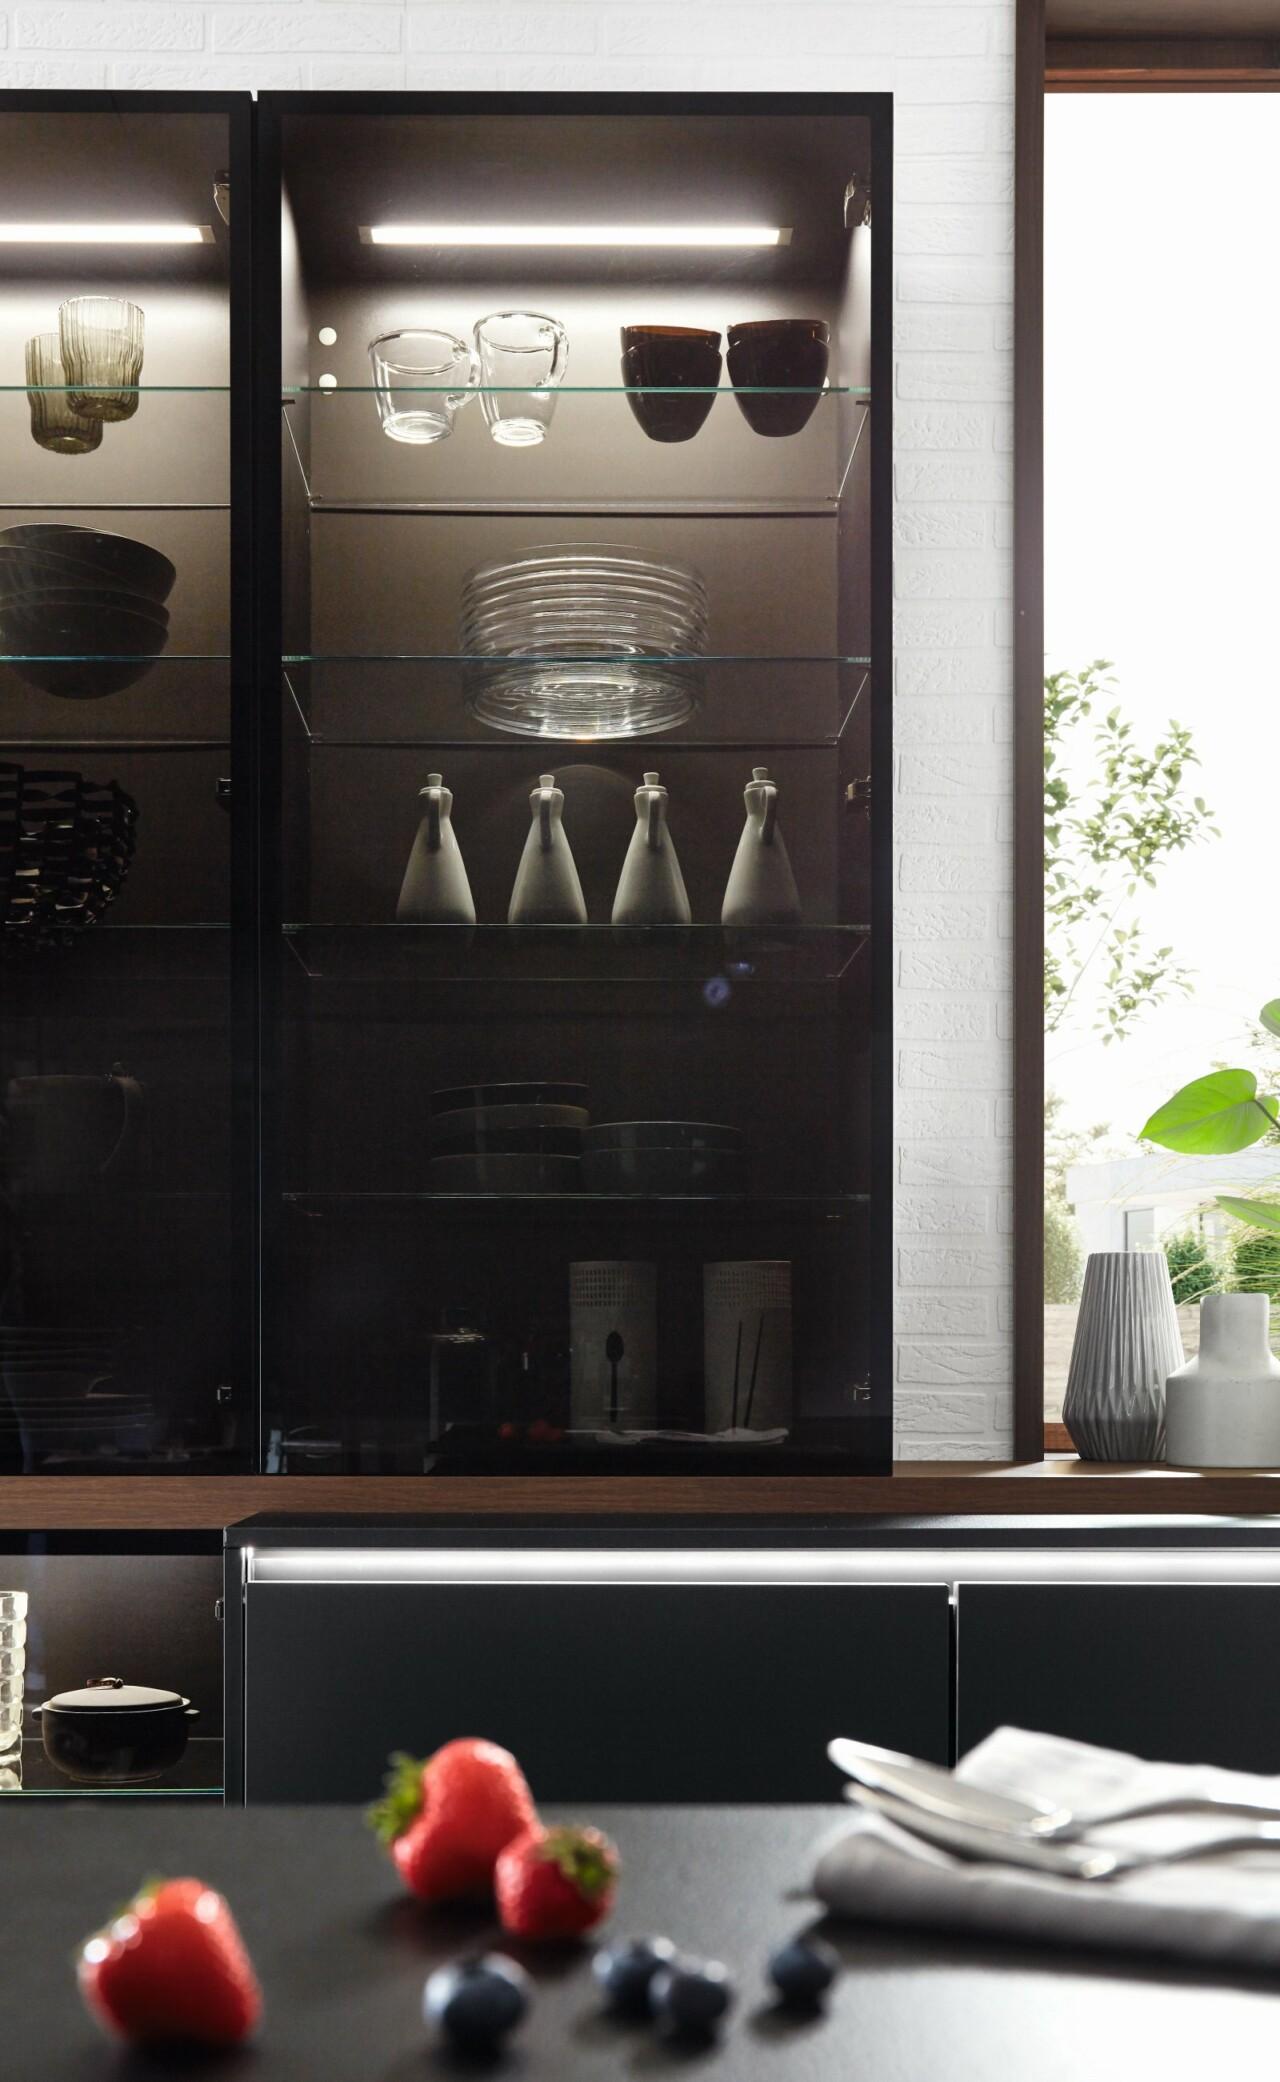 Meble kuchenne NOBILIA RIVA 840 orzech, imitacja, melamina - Kuchnie na wymiar - FM KUCHNIE Kraków